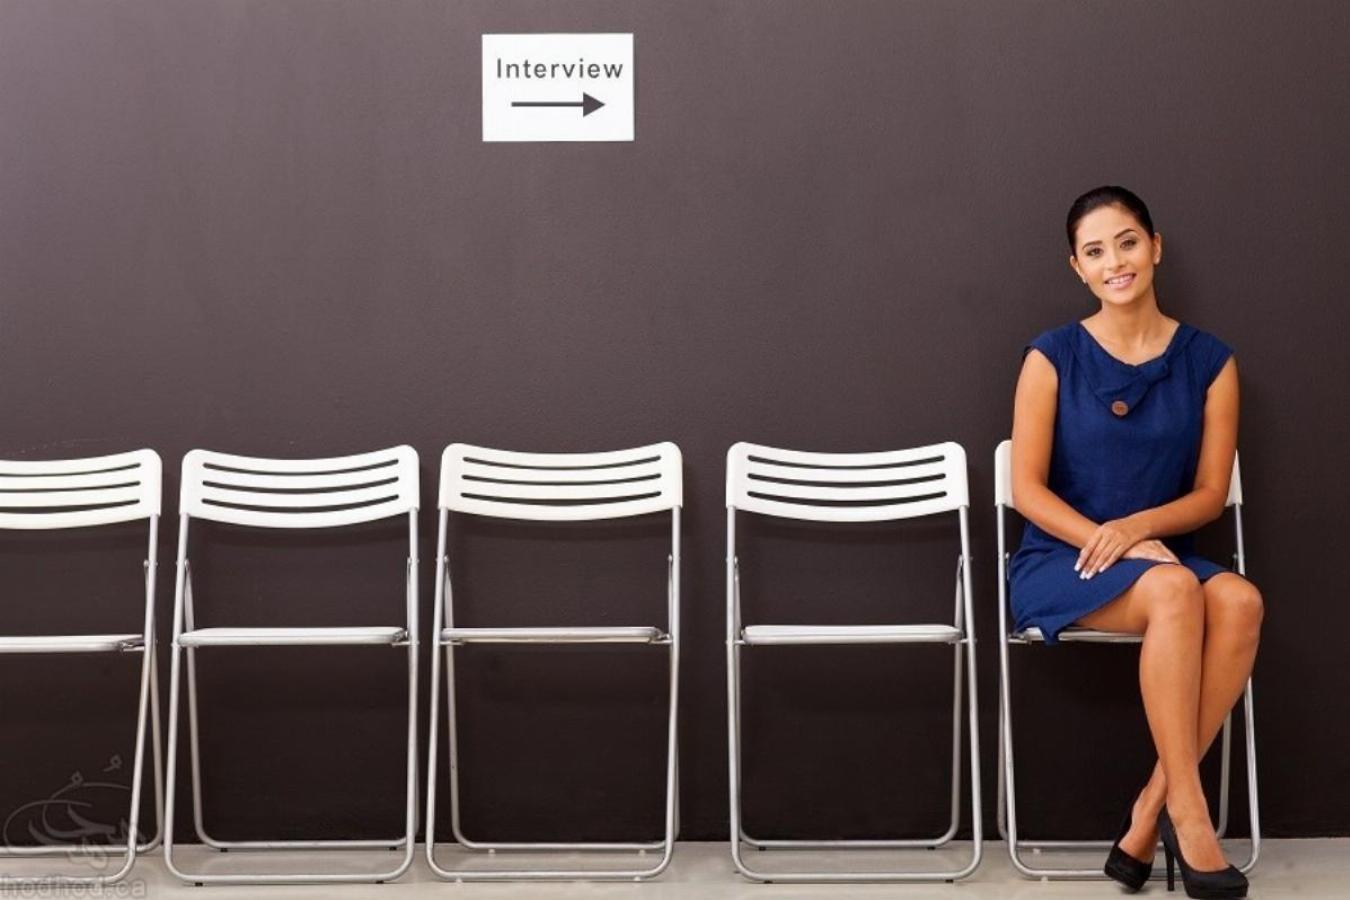 چگونه در میان متقاضیان یک موقعیت شغلی، به تنها گزینه برای کافرما تبدیل شویم